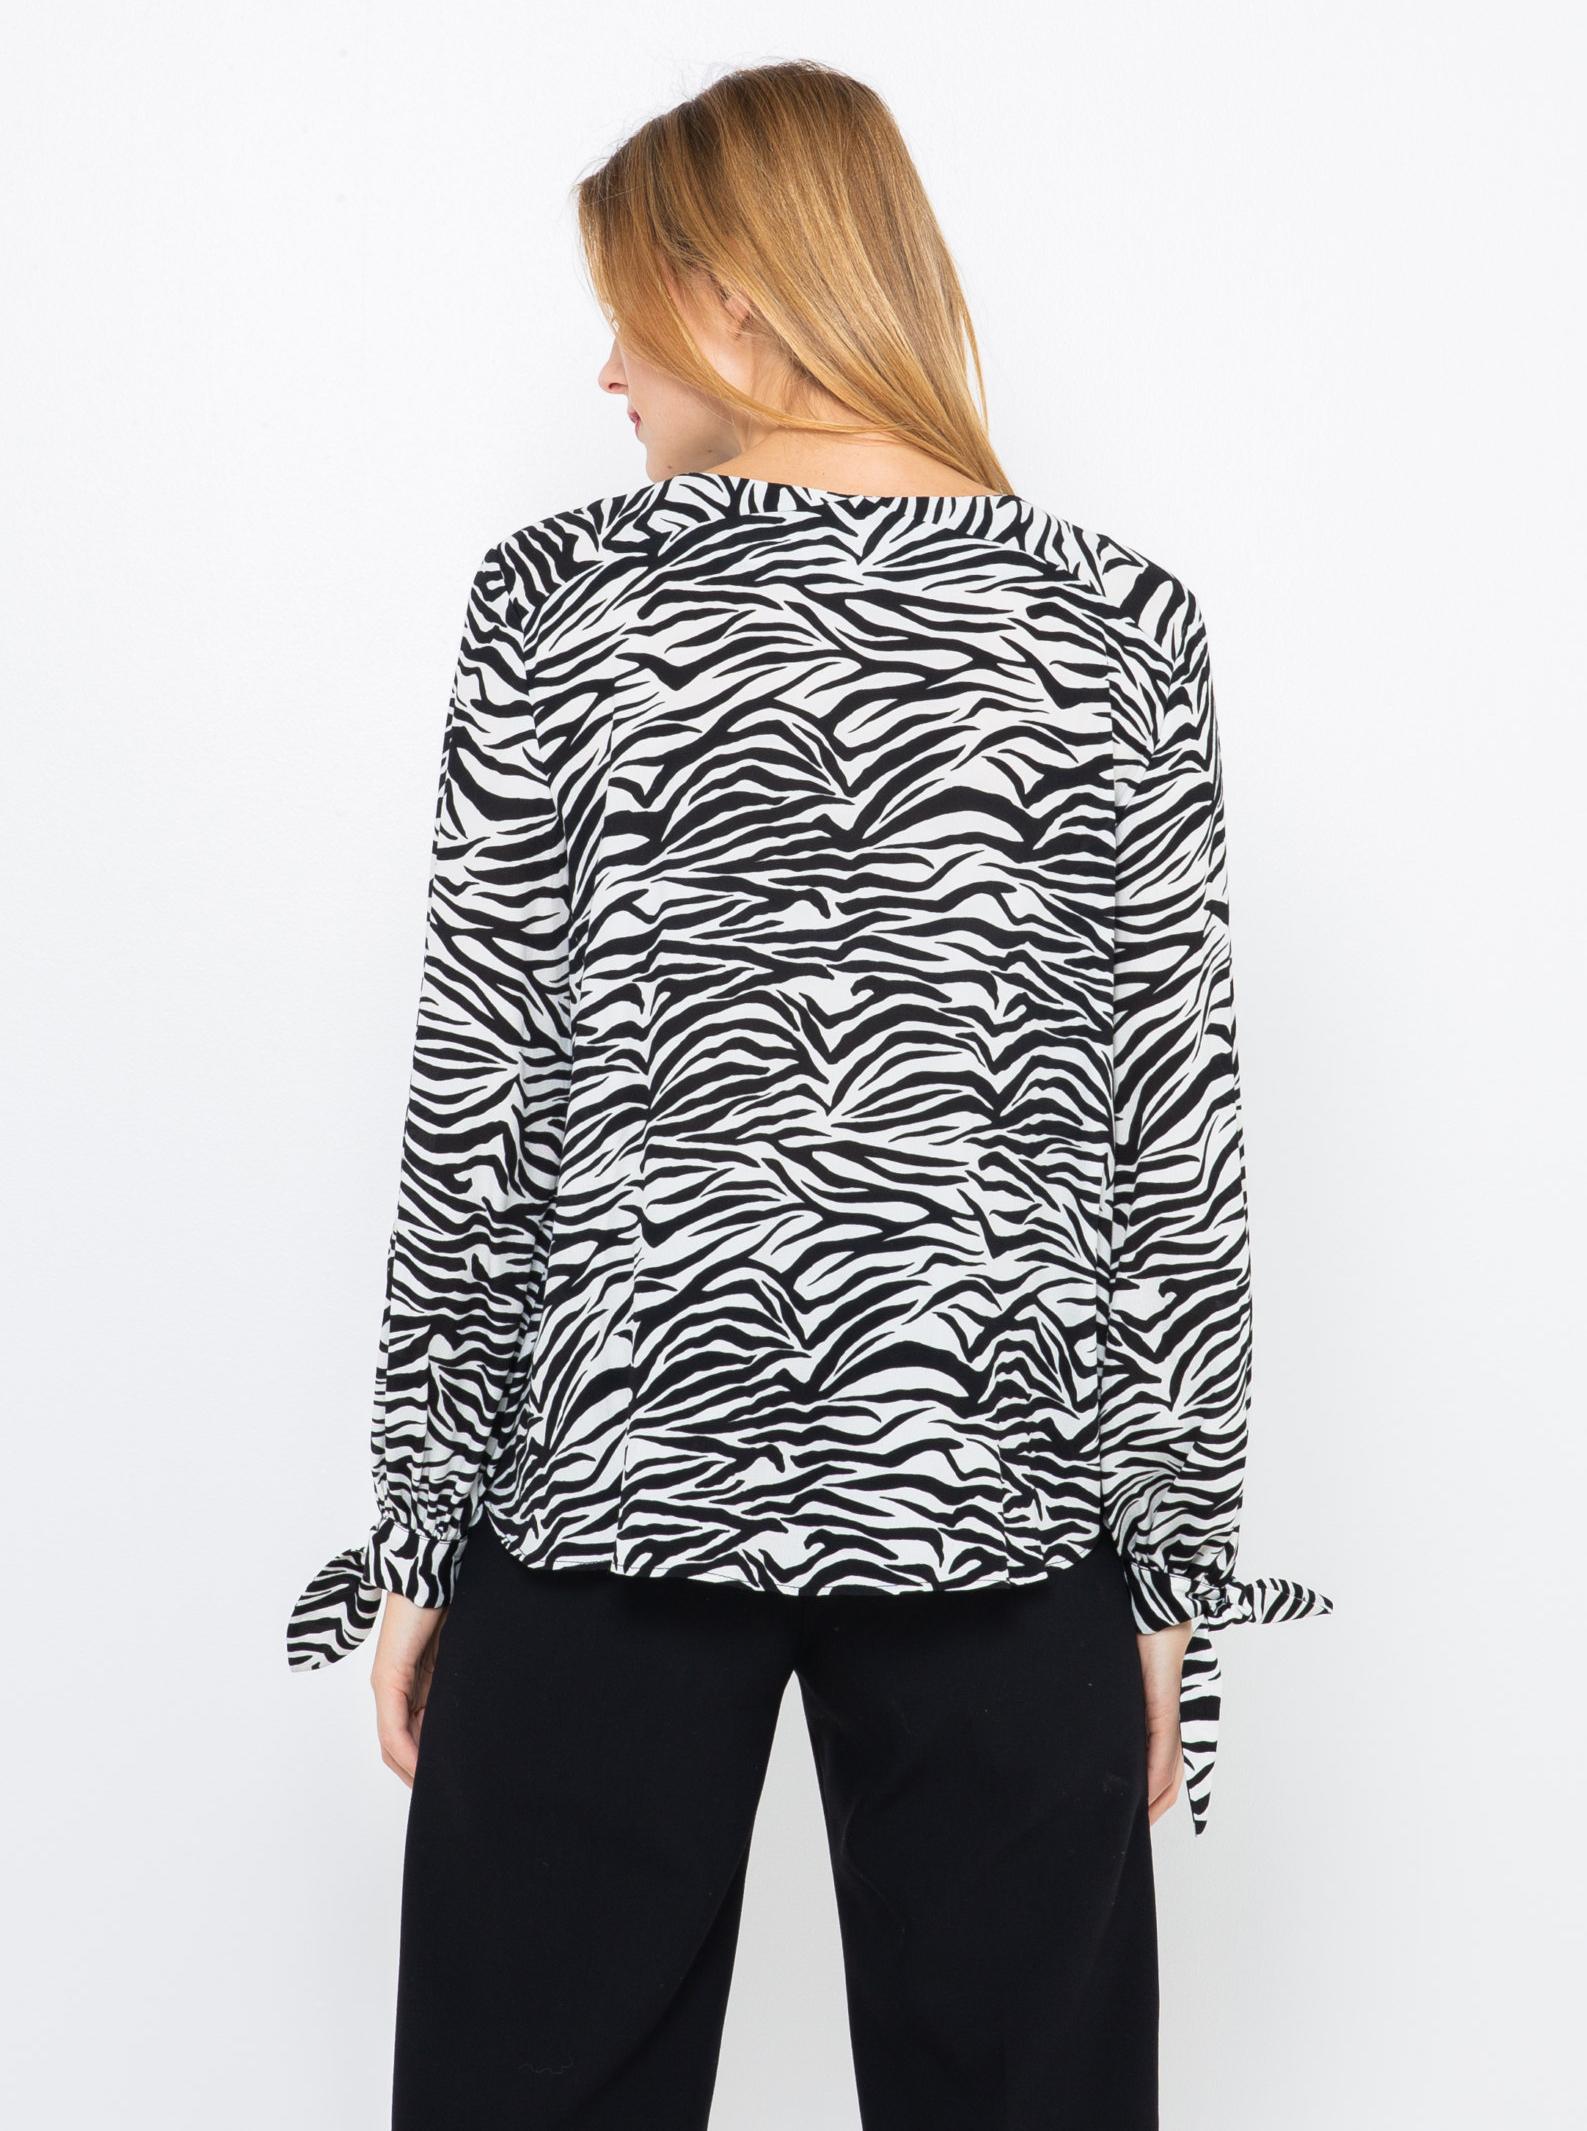 CAMAIEU crna bluza sa životinjskim uzorkom